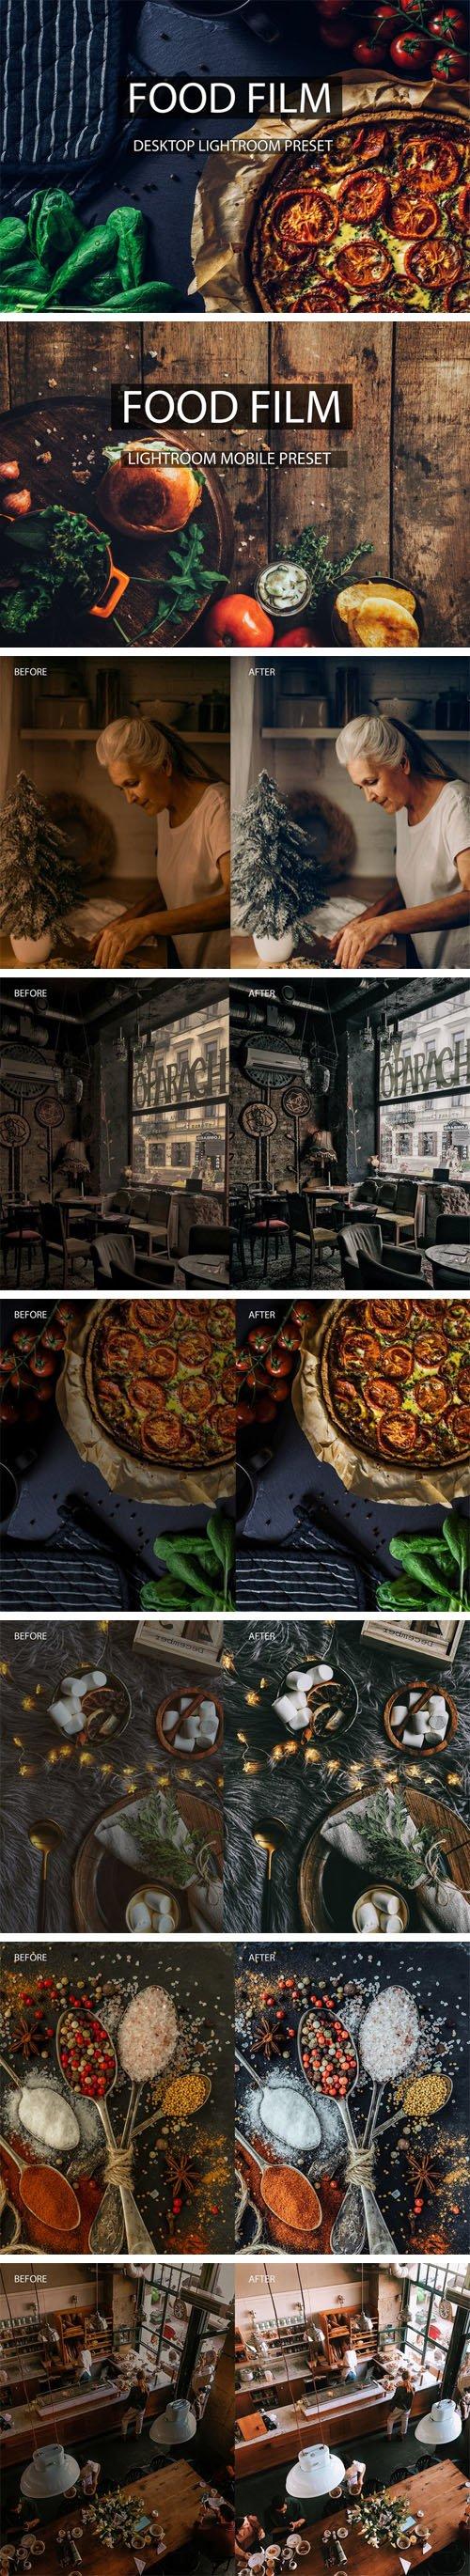 Food Film - 12 Mobile & Desktop Lightroom Presets